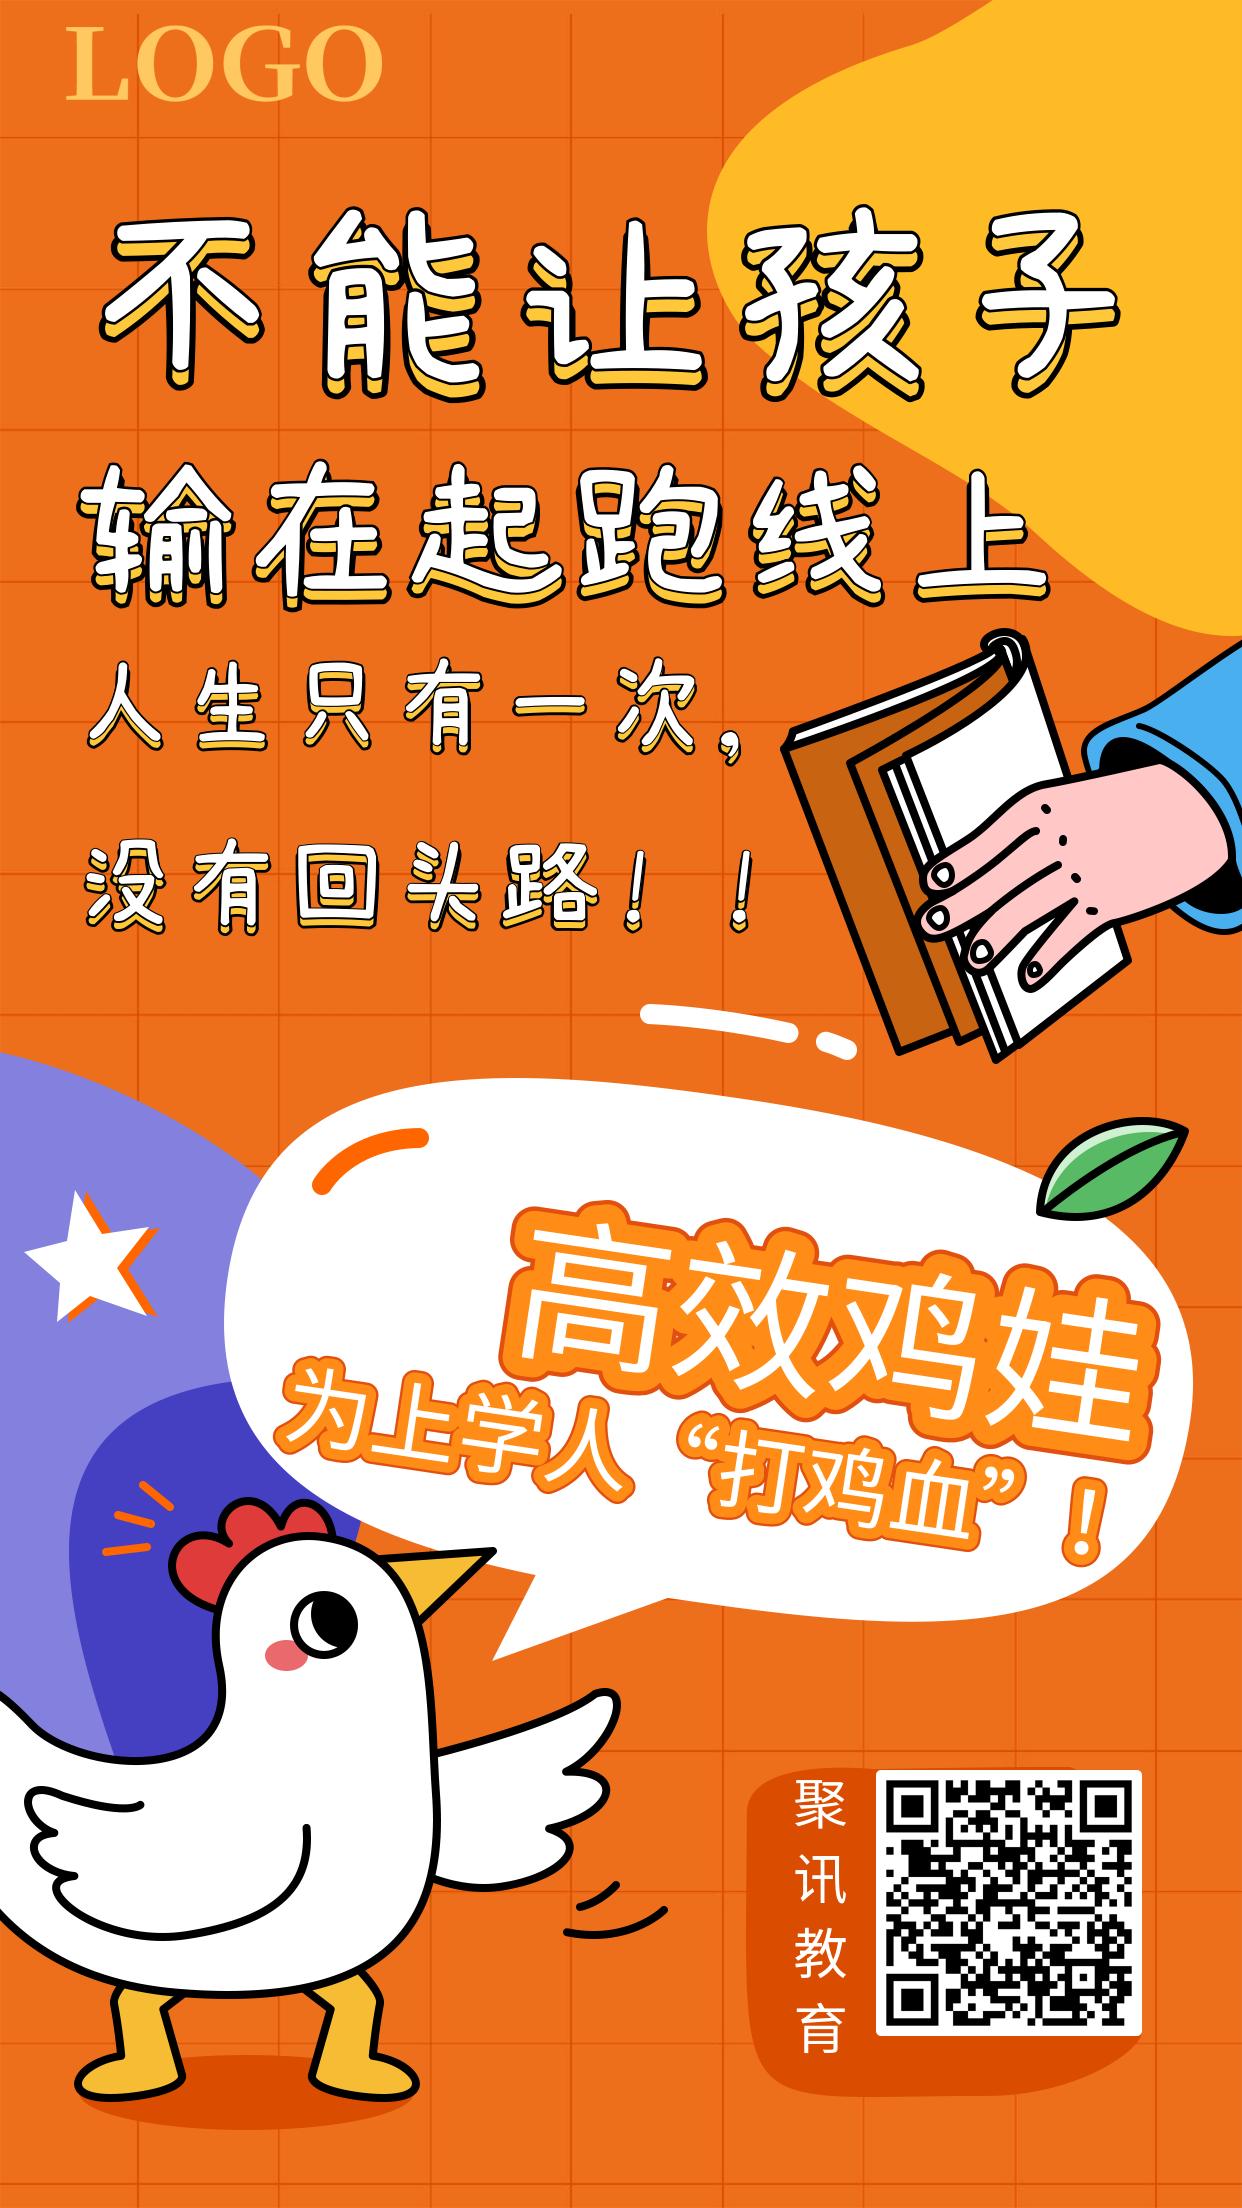 鸡娃语录大字海报价值宣传手机海报